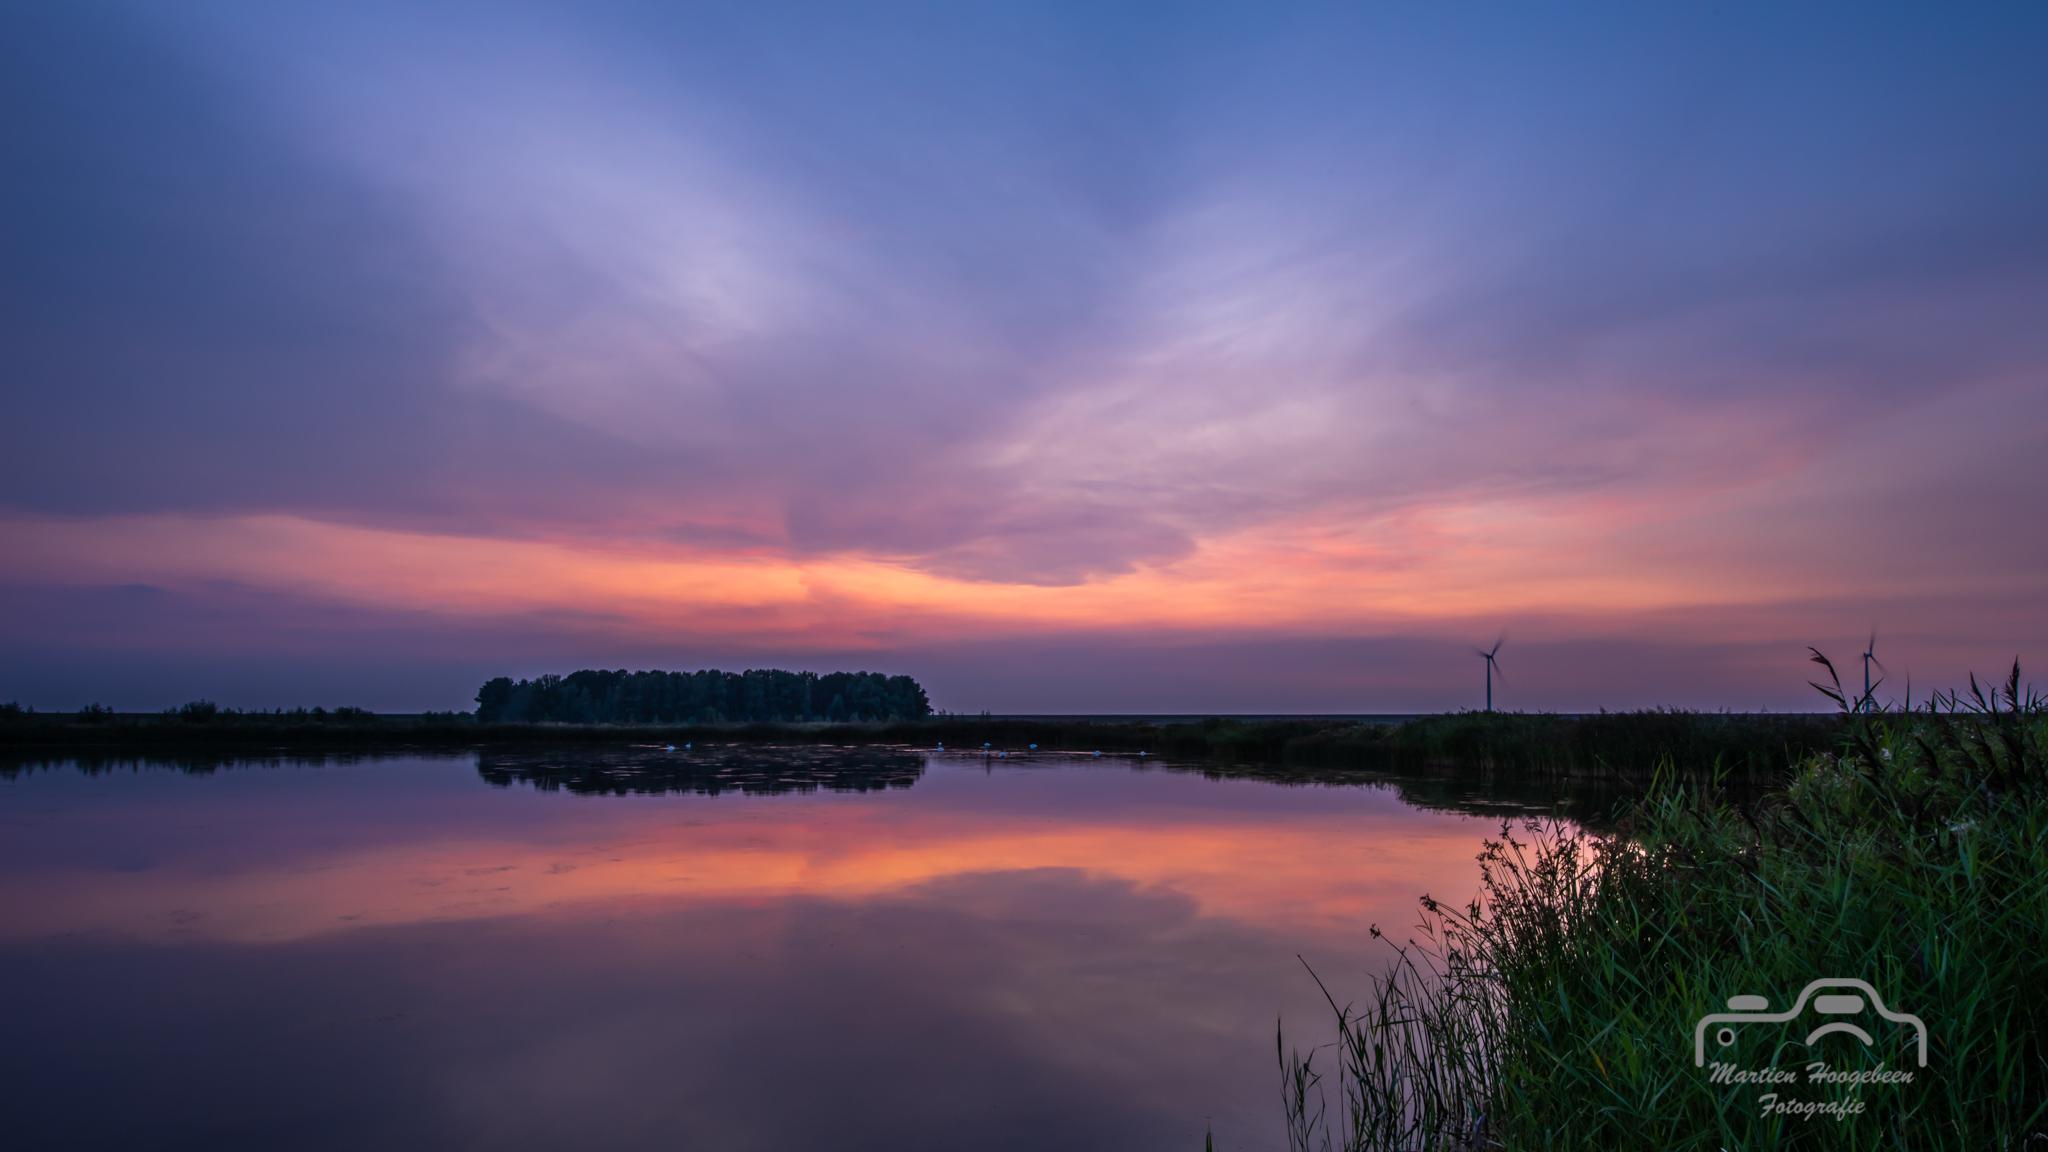 Sunset Rotterdamse Hoek